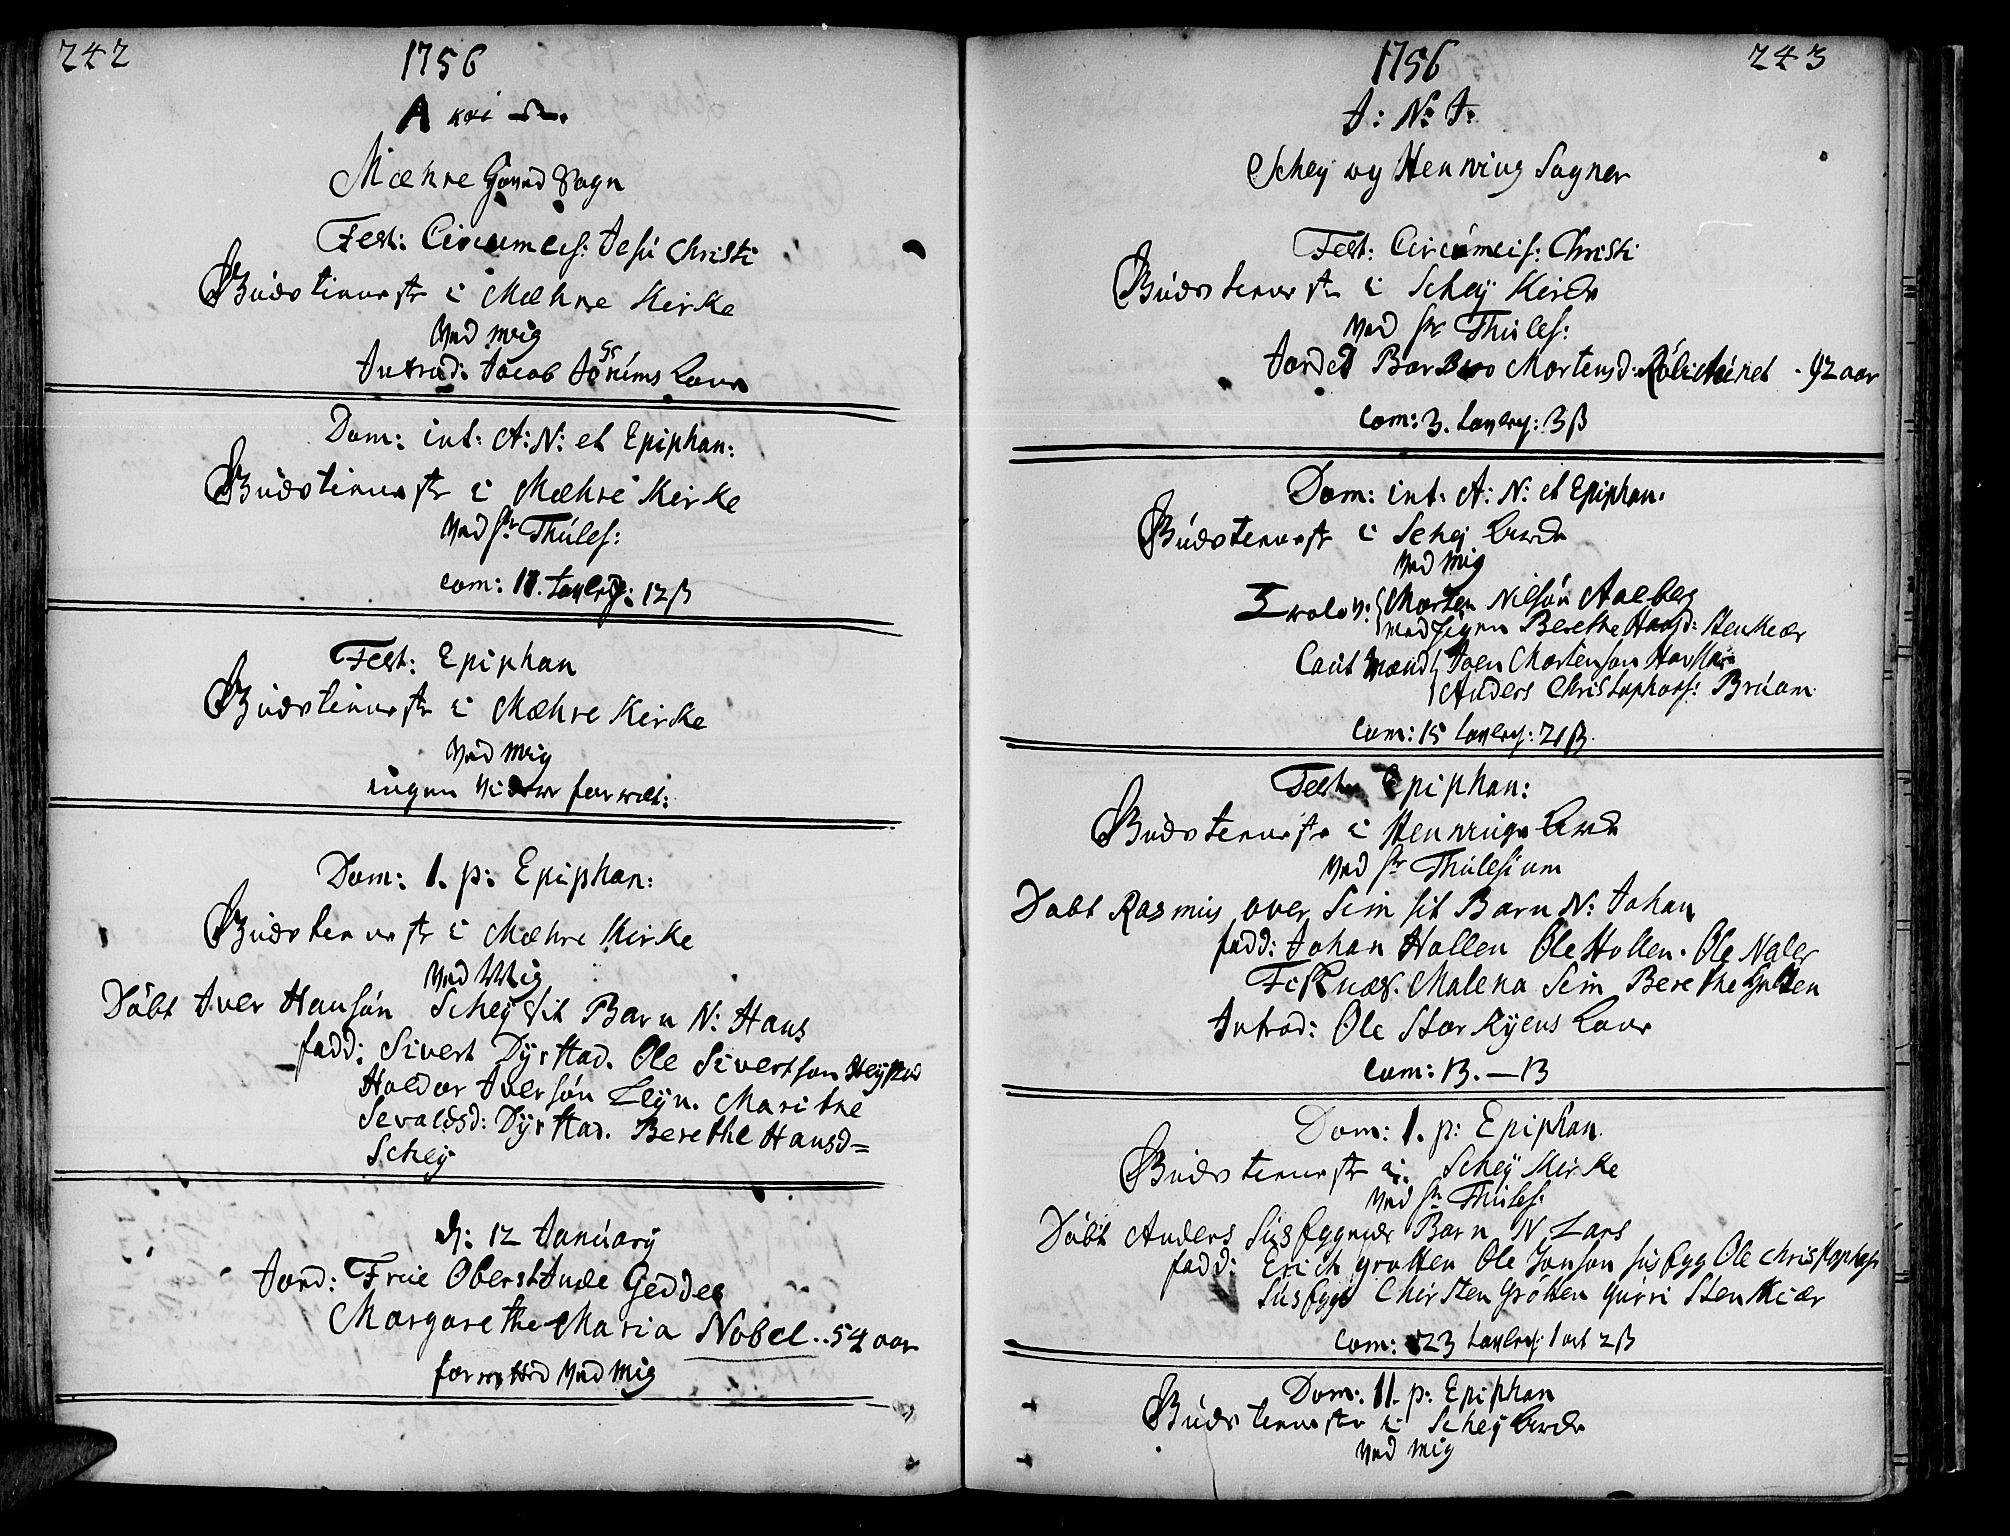 SAT, Ministerialprotokoller, klokkerbøker og fødselsregistre - Nord-Trøndelag, 735/L0330: Ministerialbok nr. 735A01, 1740-1766, s. 242-243